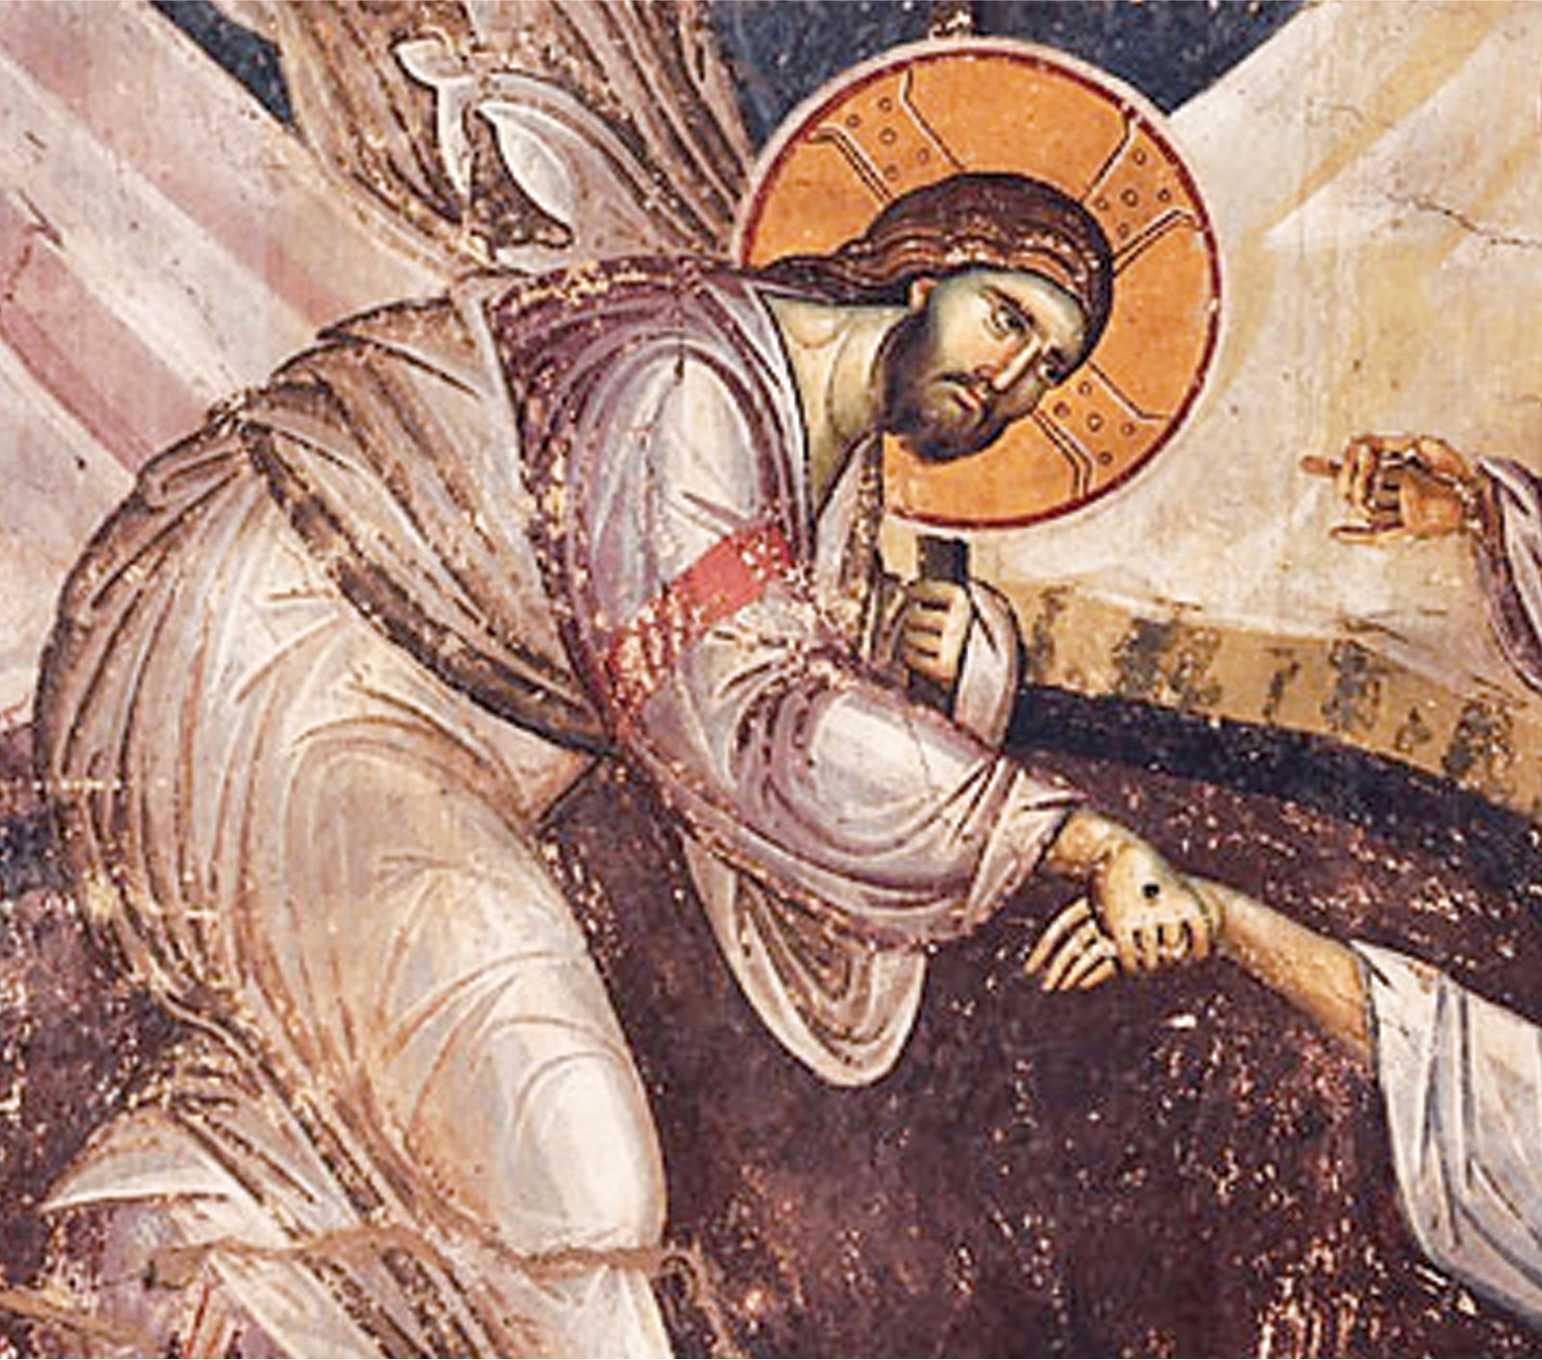 """INVIEREA LUI HRISTOS CA POGORARE IN MIJLOCUL IADULUI DIN LUMEA NOASTRA… Pastorala IPS Teofan: <i>""""Există multă moarte în noi şi în lume, dar există şi oameni ai învierii care nu şi-au plecat genunchii în faţa mulţimii de idoli aşezaţi peste tot""""</i>. CINE AUDE STRIGATUL INABUSIT AL CELOR DISPERATI, AI TINERILOR FARA SENS? (video)"""